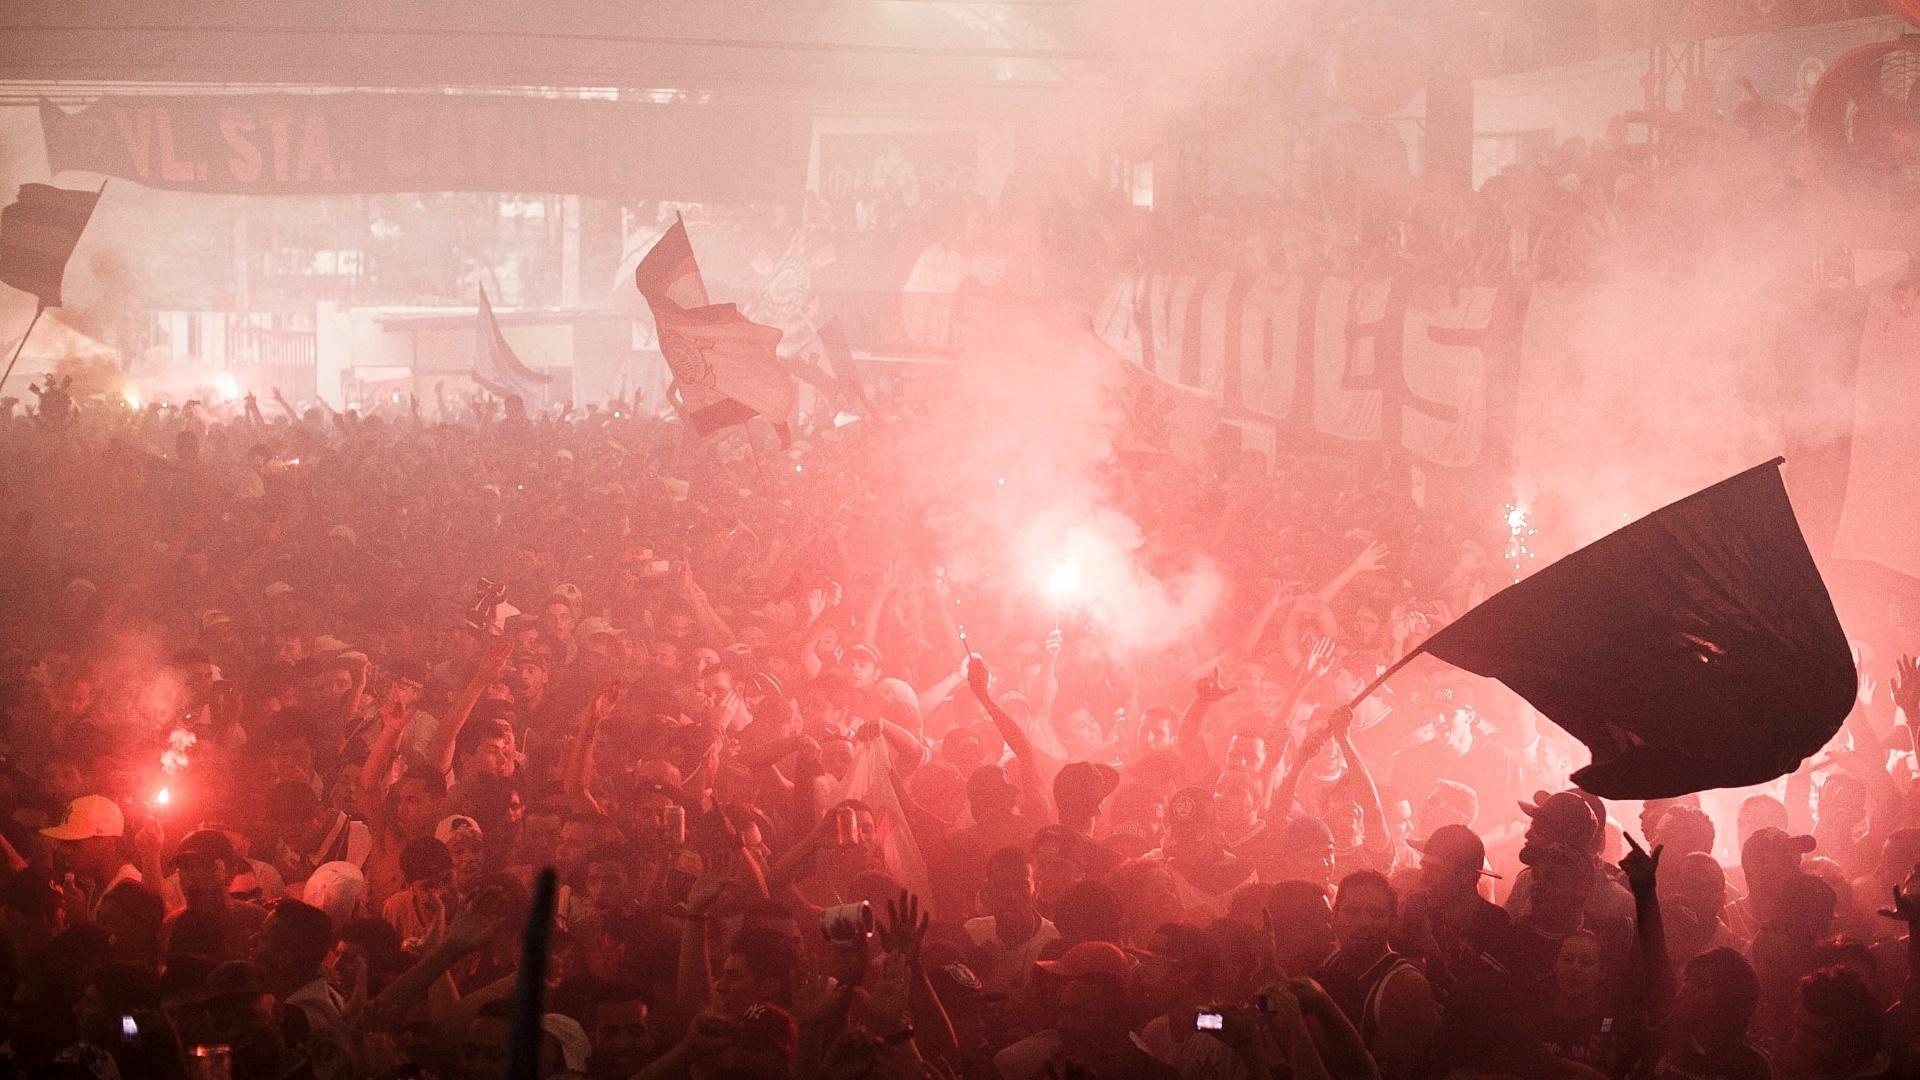 Torcedores do Corinthians faz festa com sinalizadores em São Paulo durante a final do Mundial de Clubes contra o Chelsea